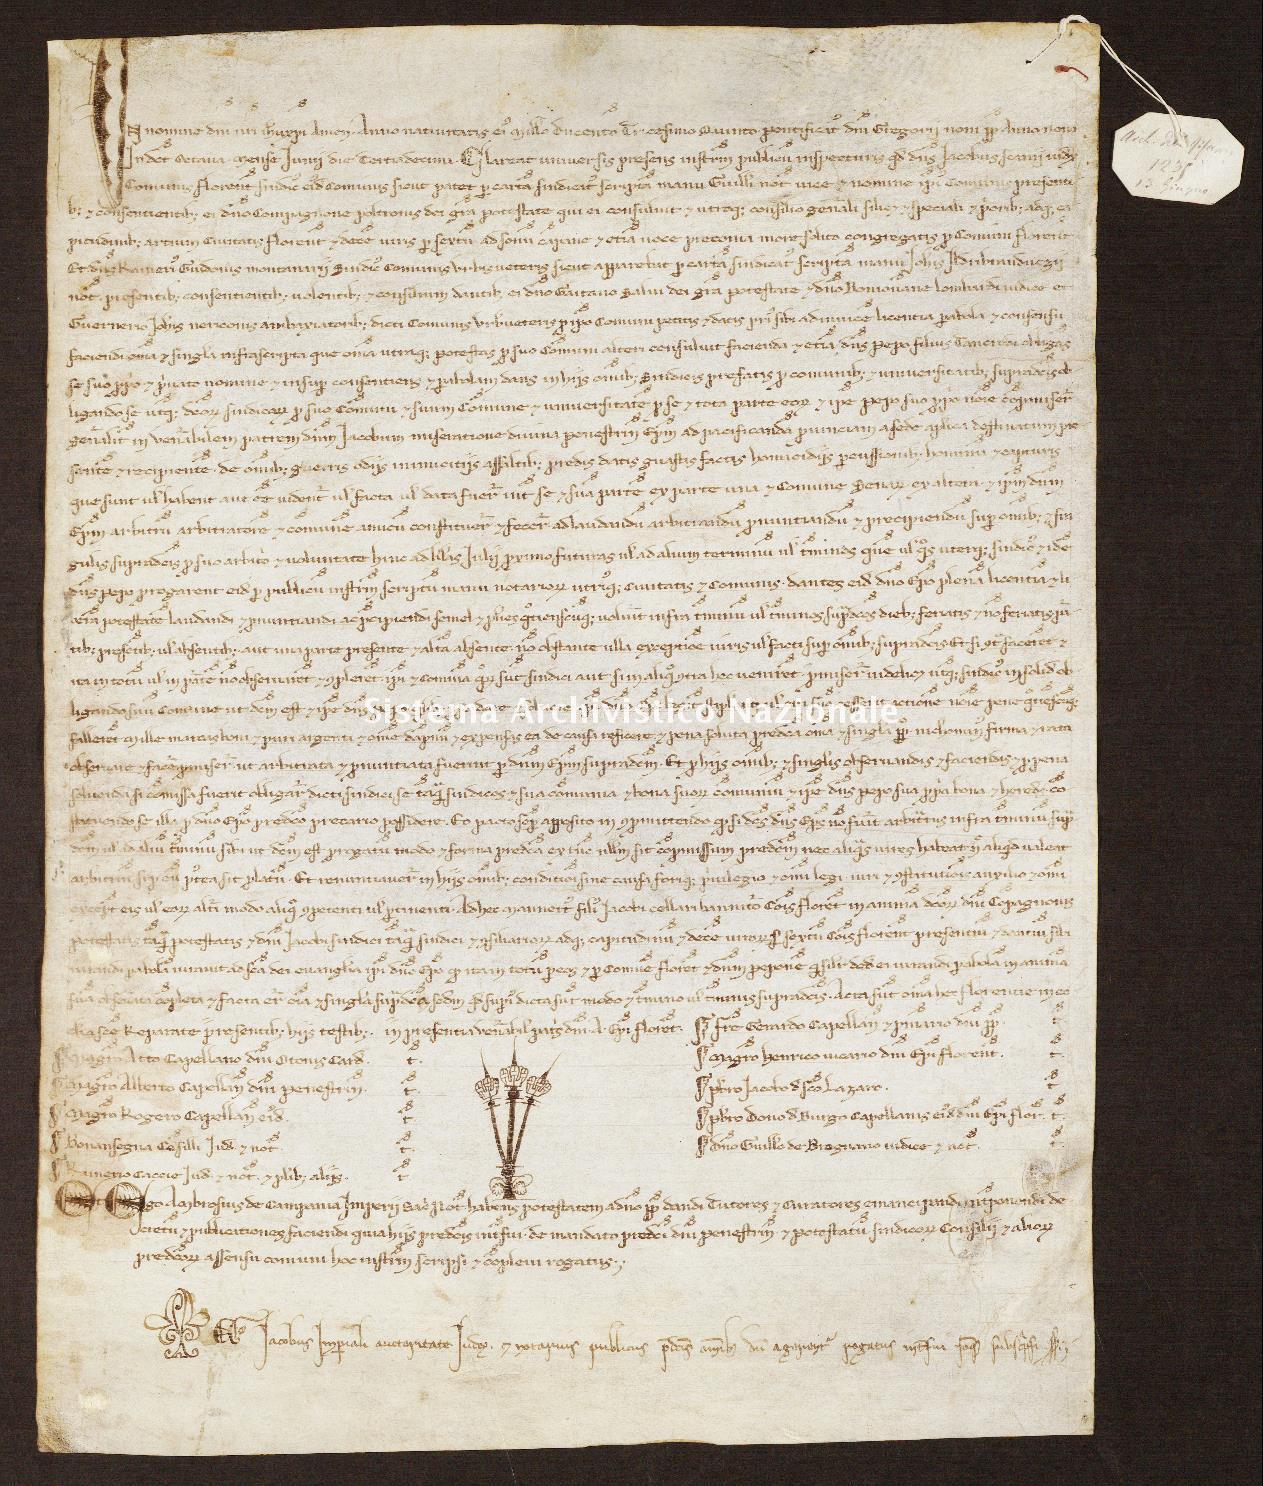 518. Archivio di Stato di SIENA, Diplomatico, Diplomatico Riformagioni, Pergamena 0520 - 1235 giugno 13, casella 59